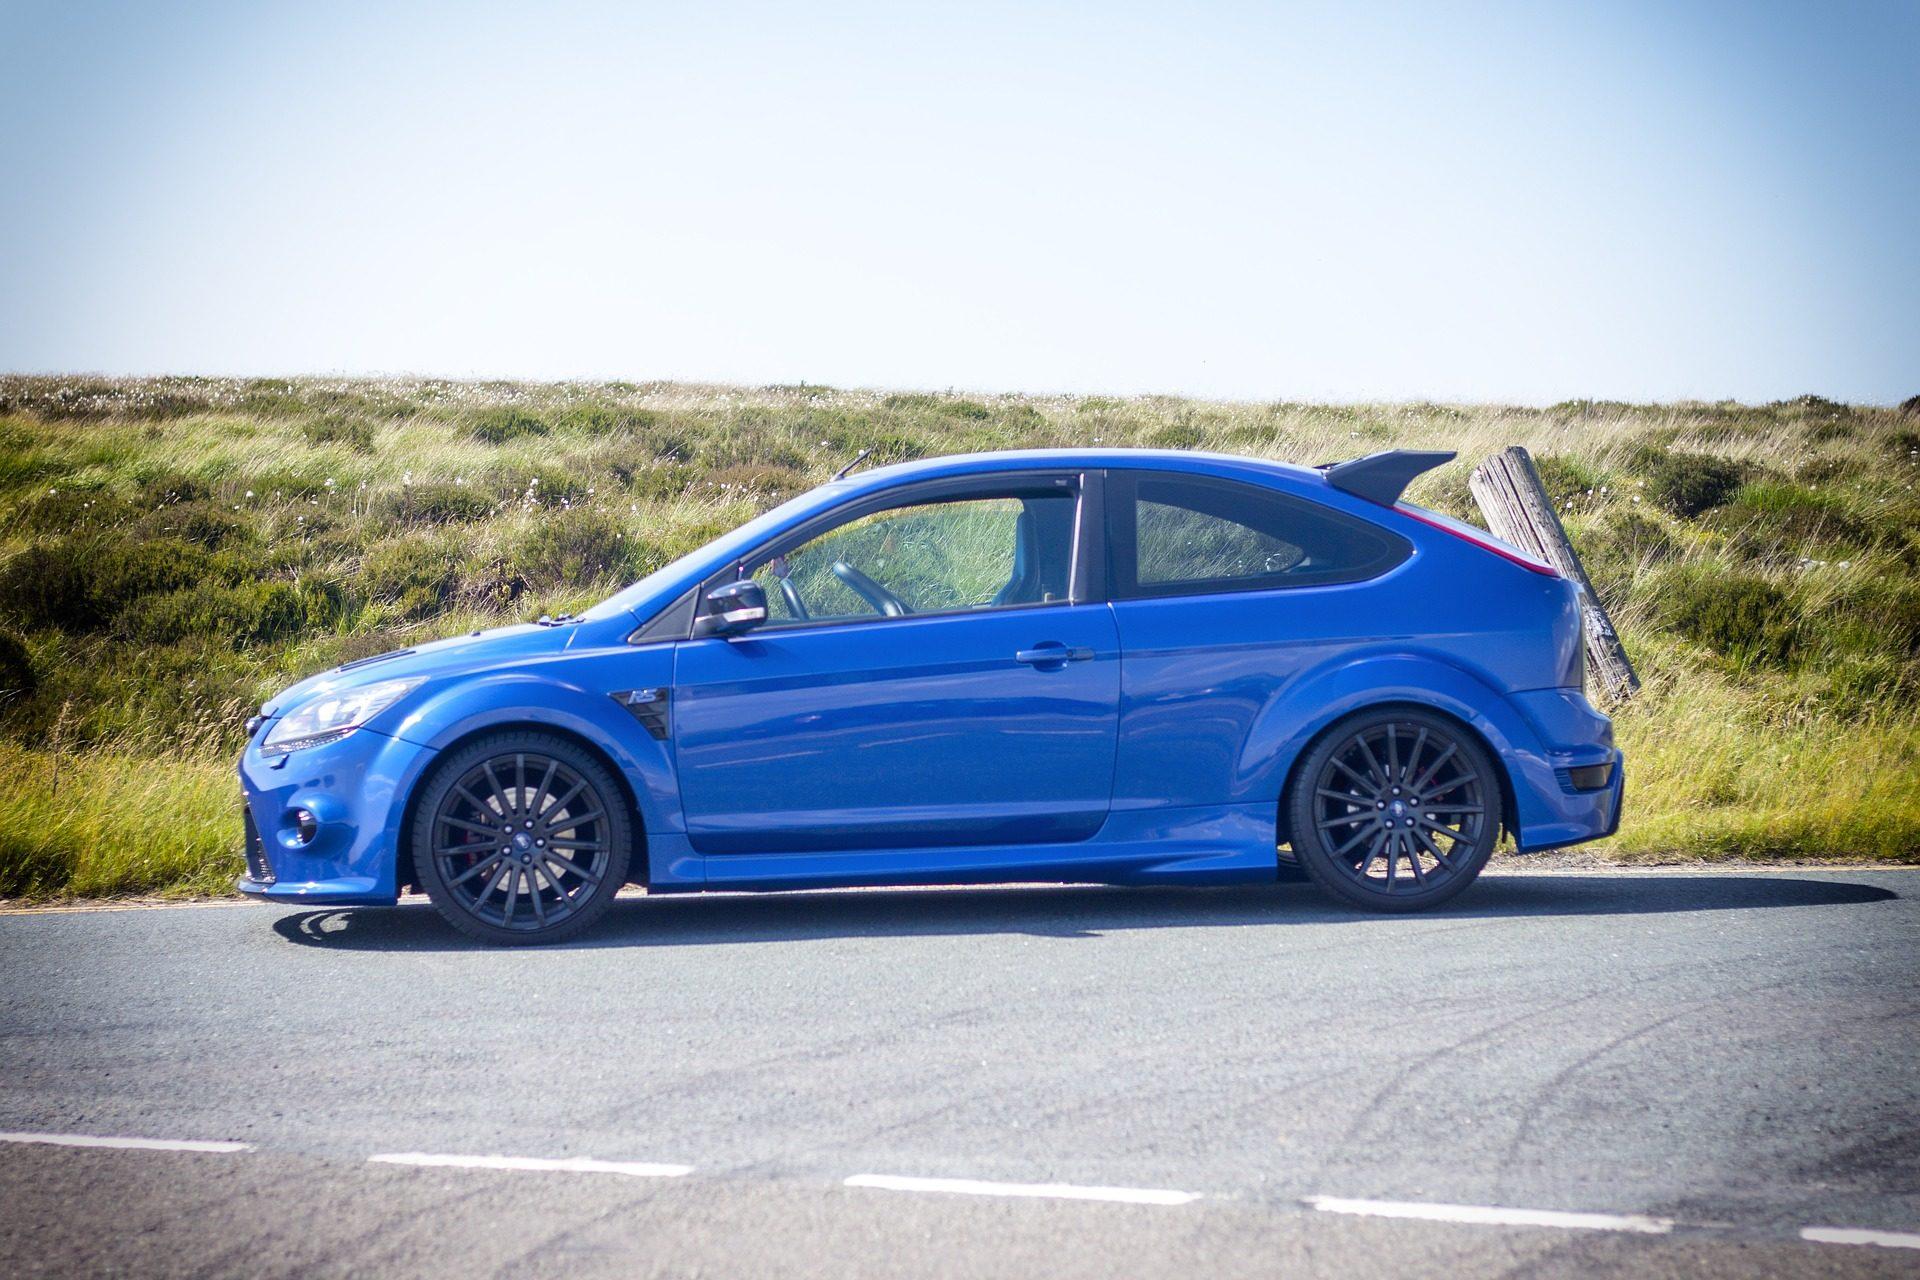 Używany samochód osobowy klasy średniej – co wybrać?